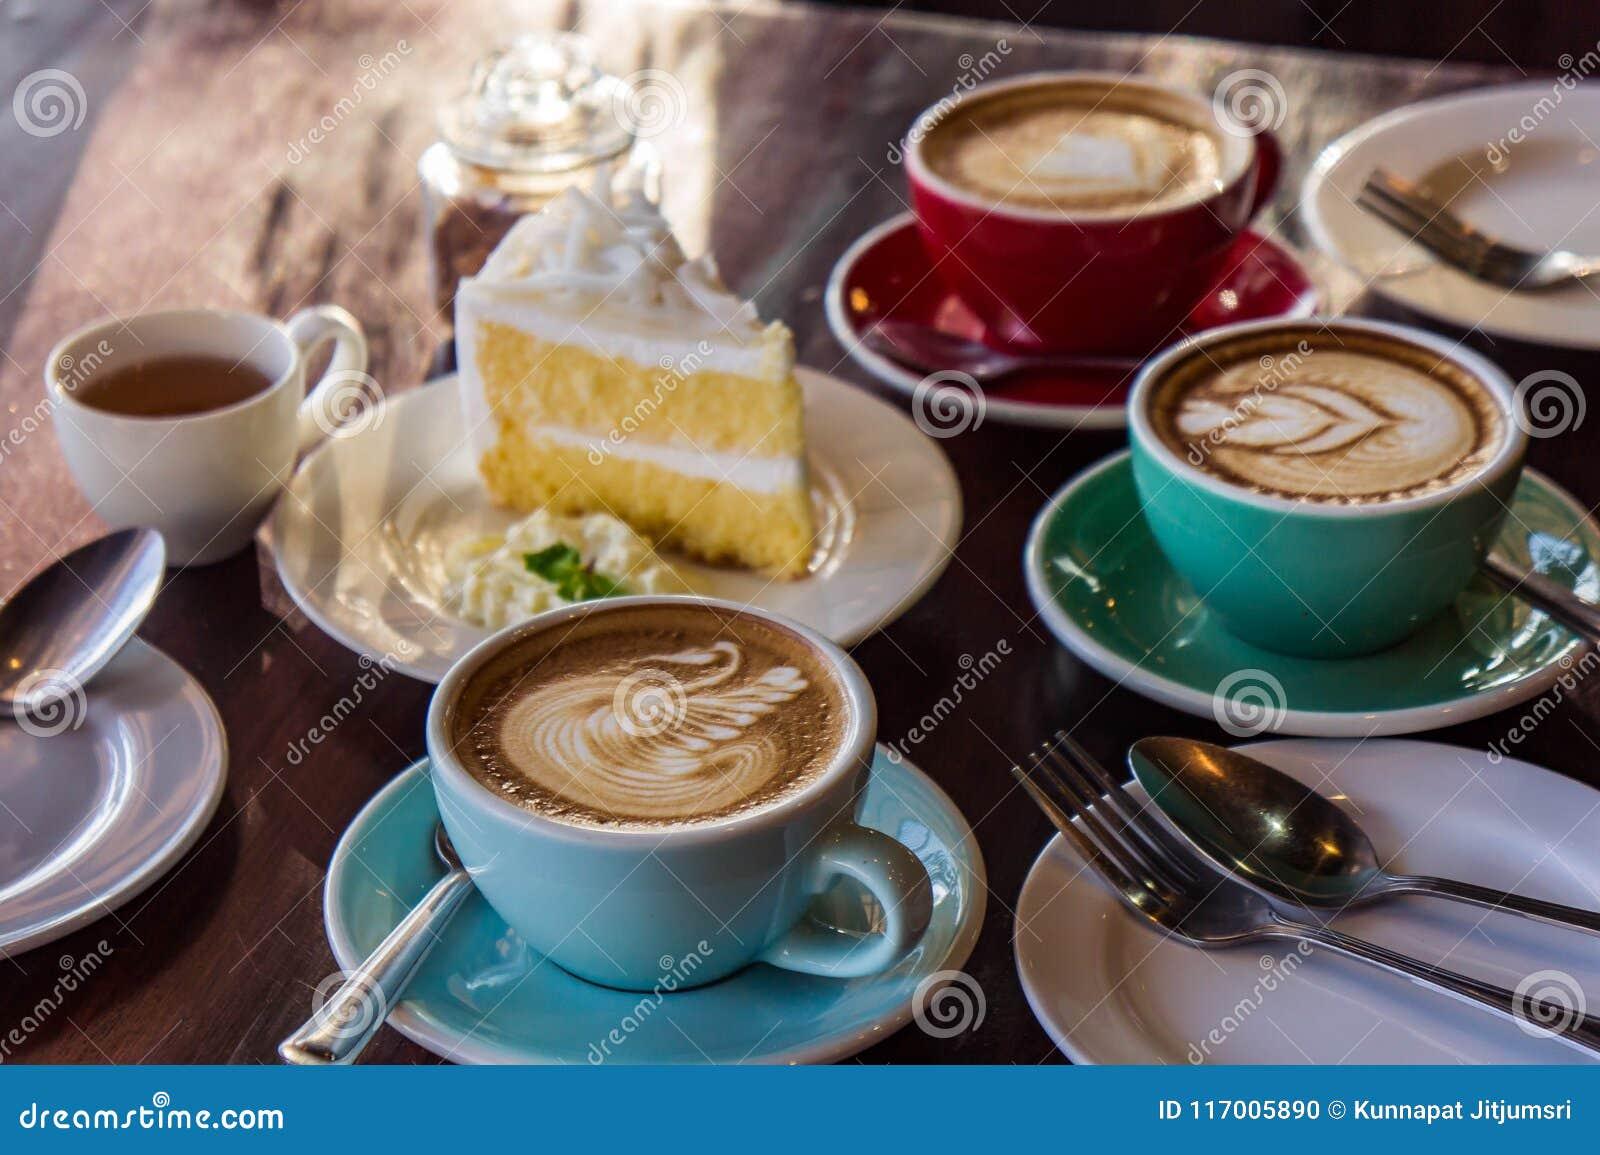 在木桌咖啡馆、饮料咖啡和鲜美蛋糕的咖啡时间